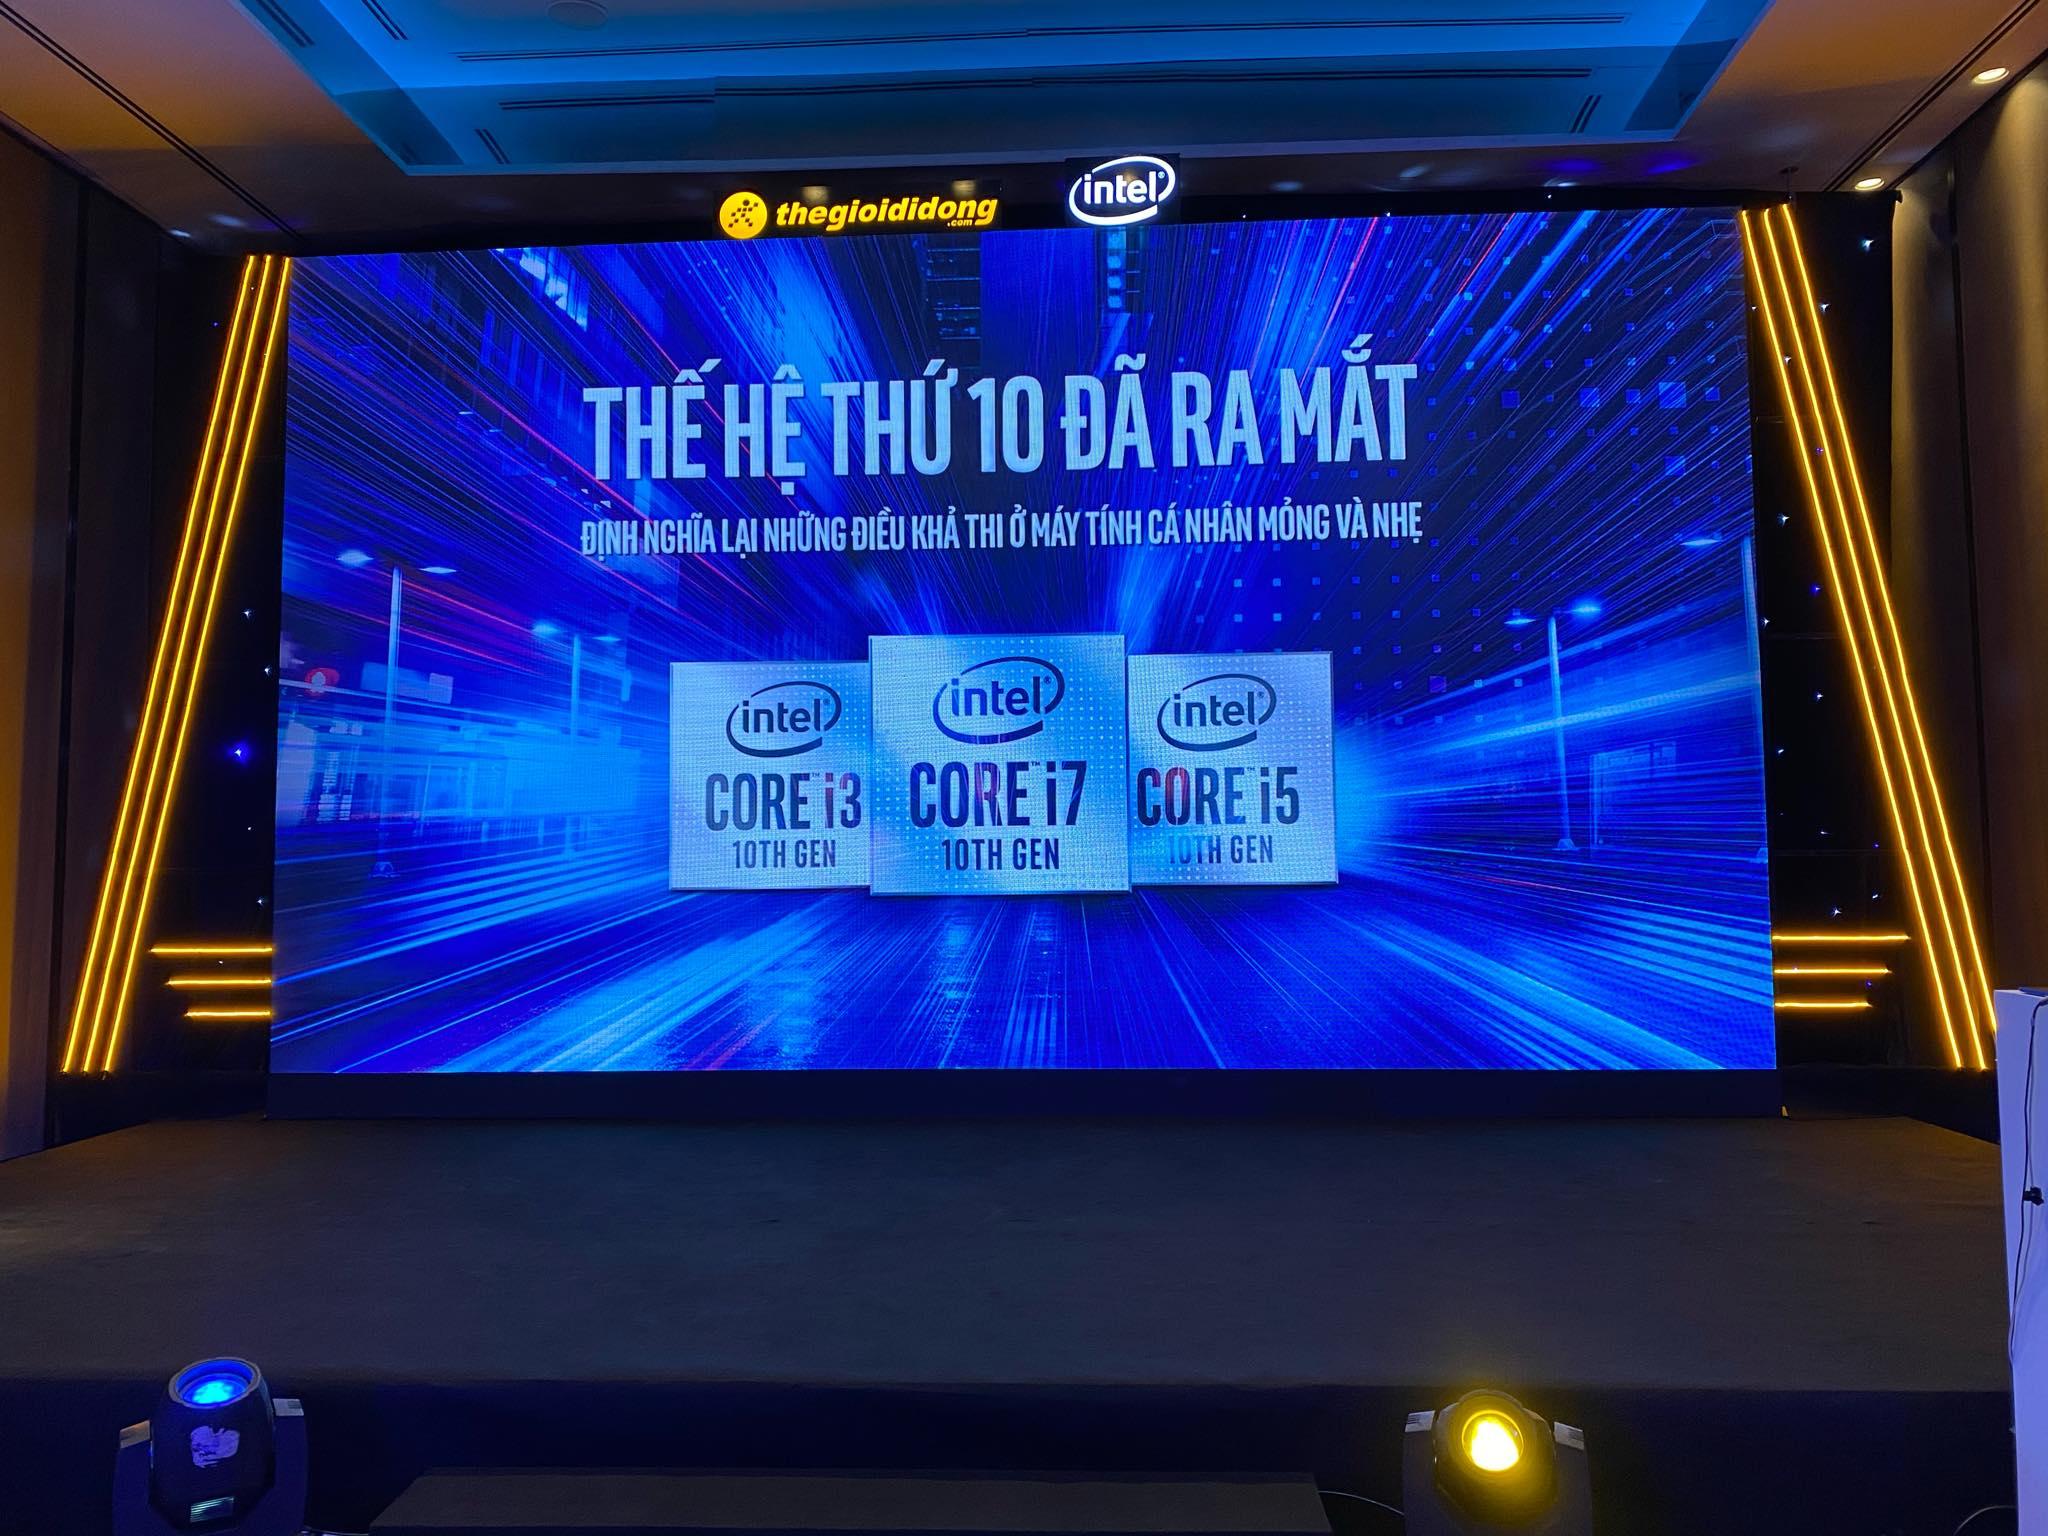 Thế Giới Di Động cùng Intel ra mắt vi xử lý Intel Core thế hệ thứ 10 tại Việt Nam